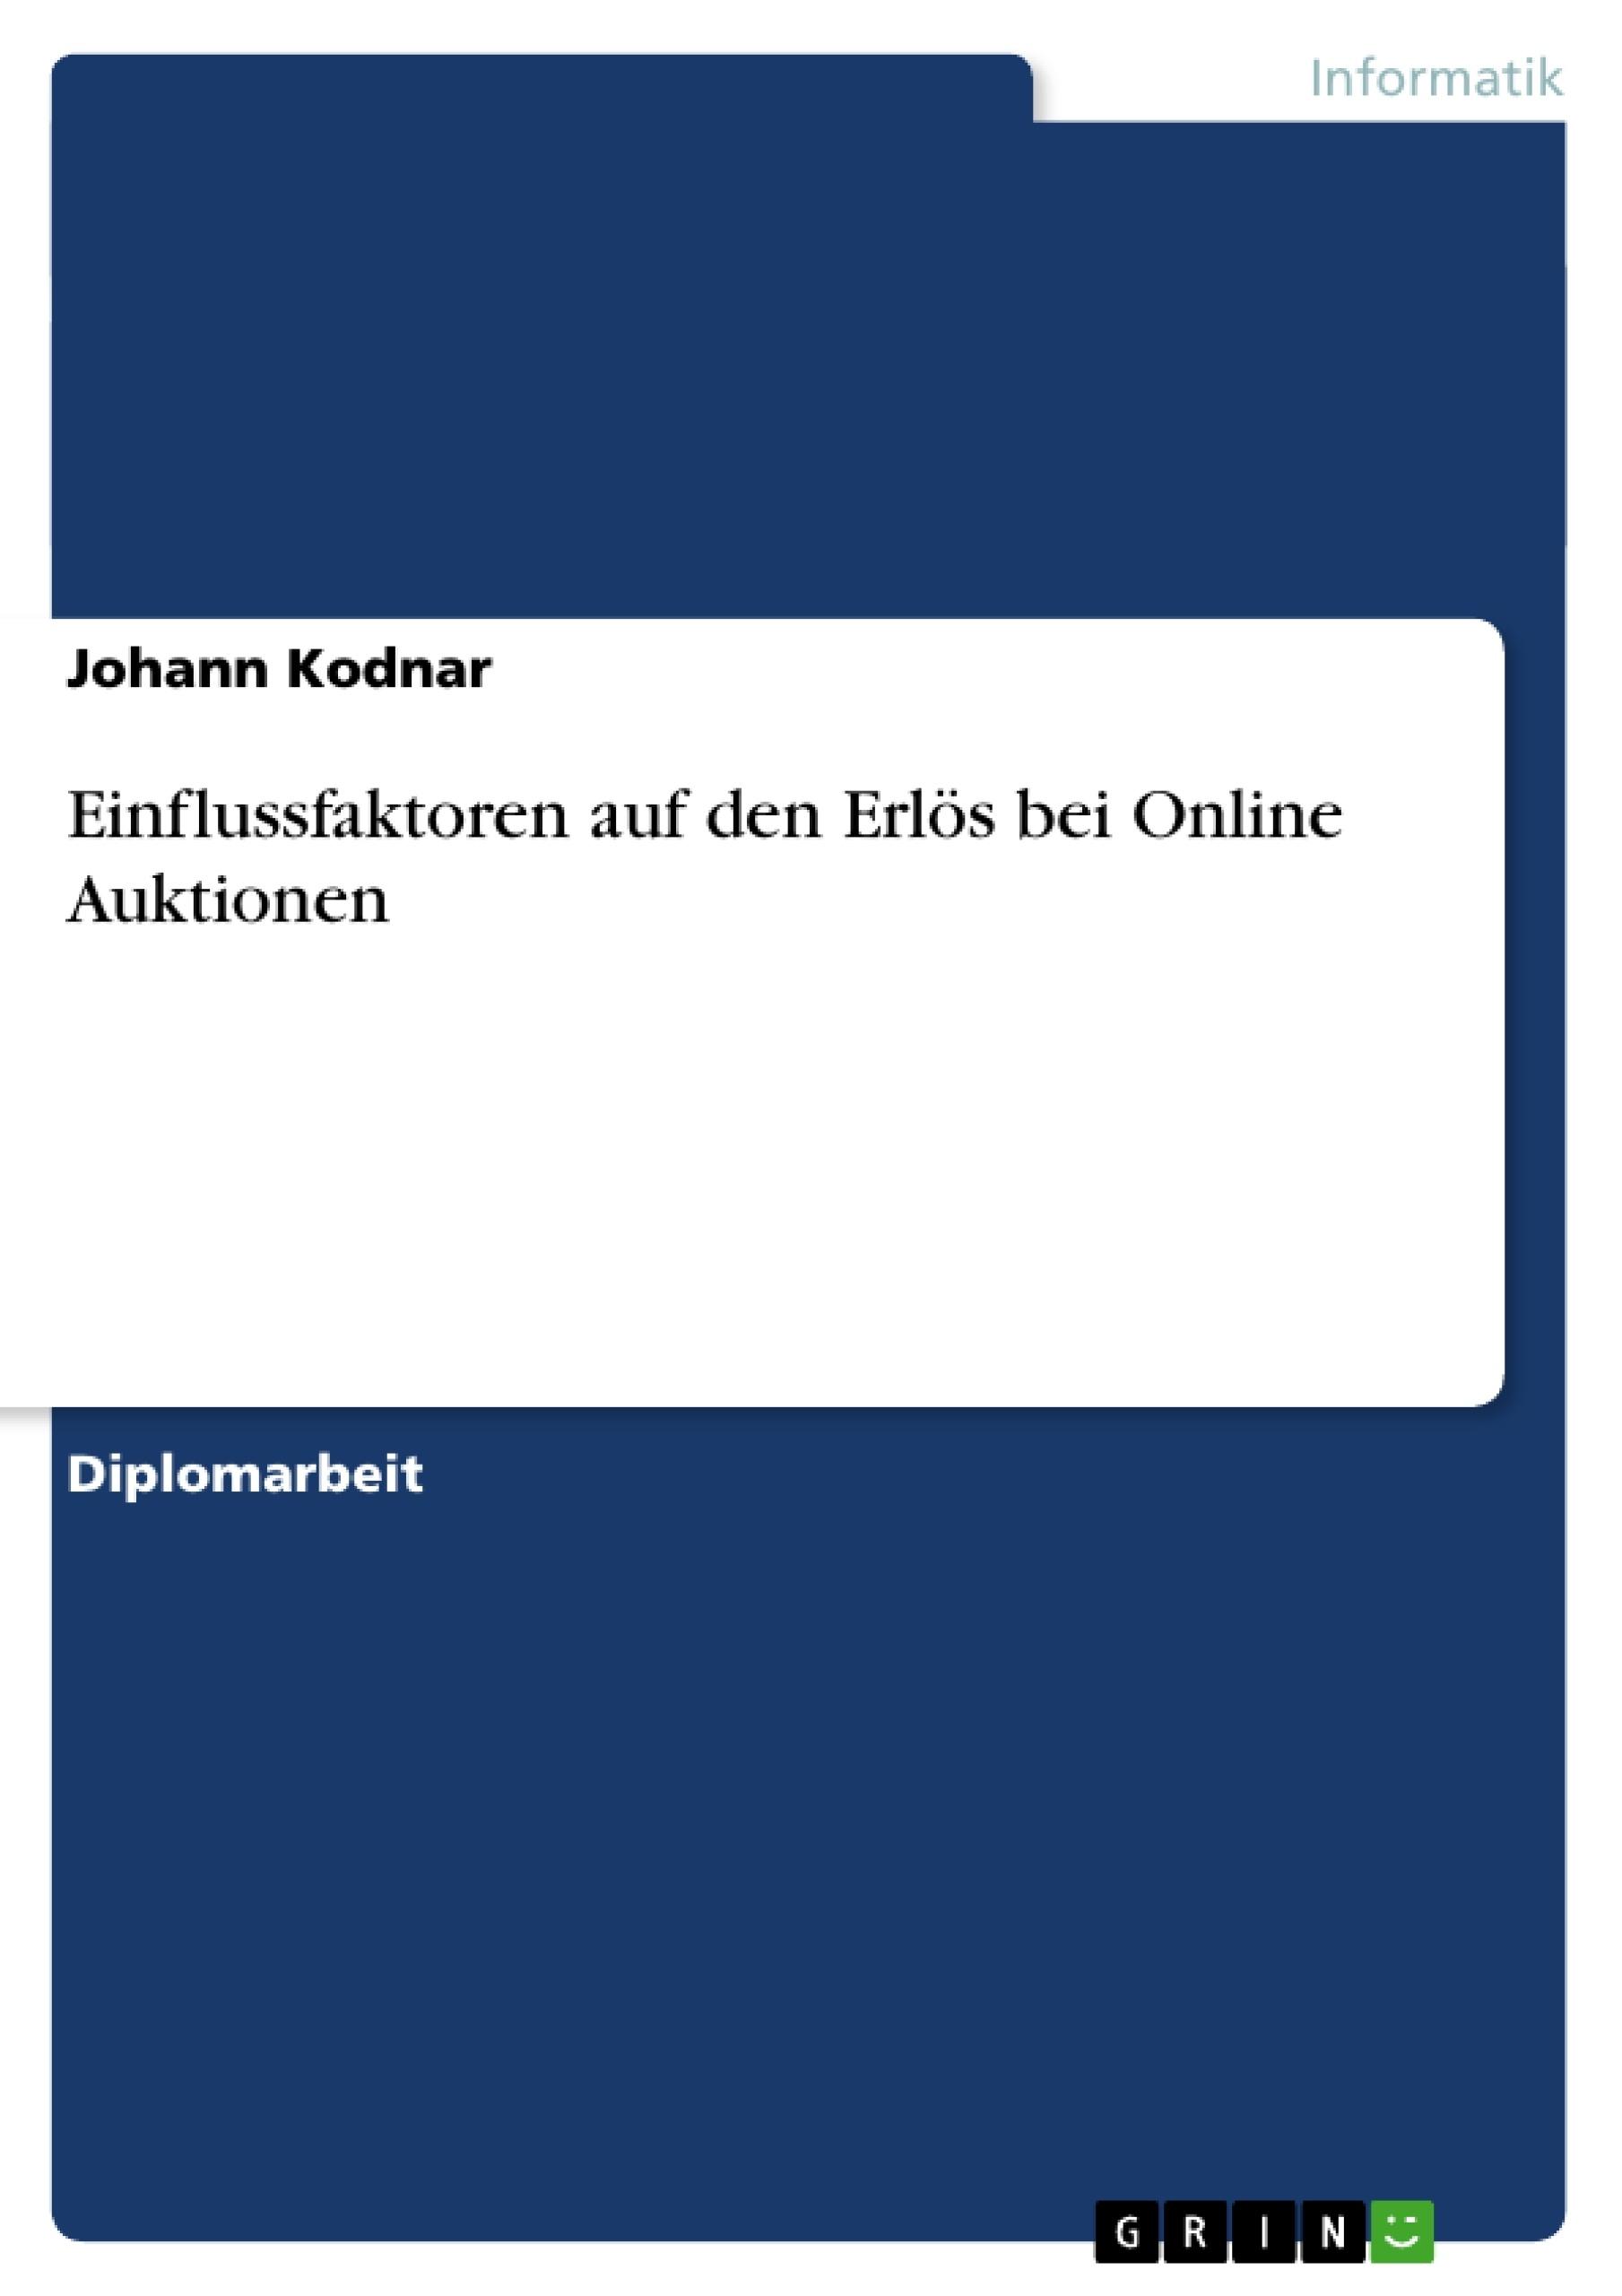 Titel: Einflussfaktoren auf den Erlös bei Online Auktionen